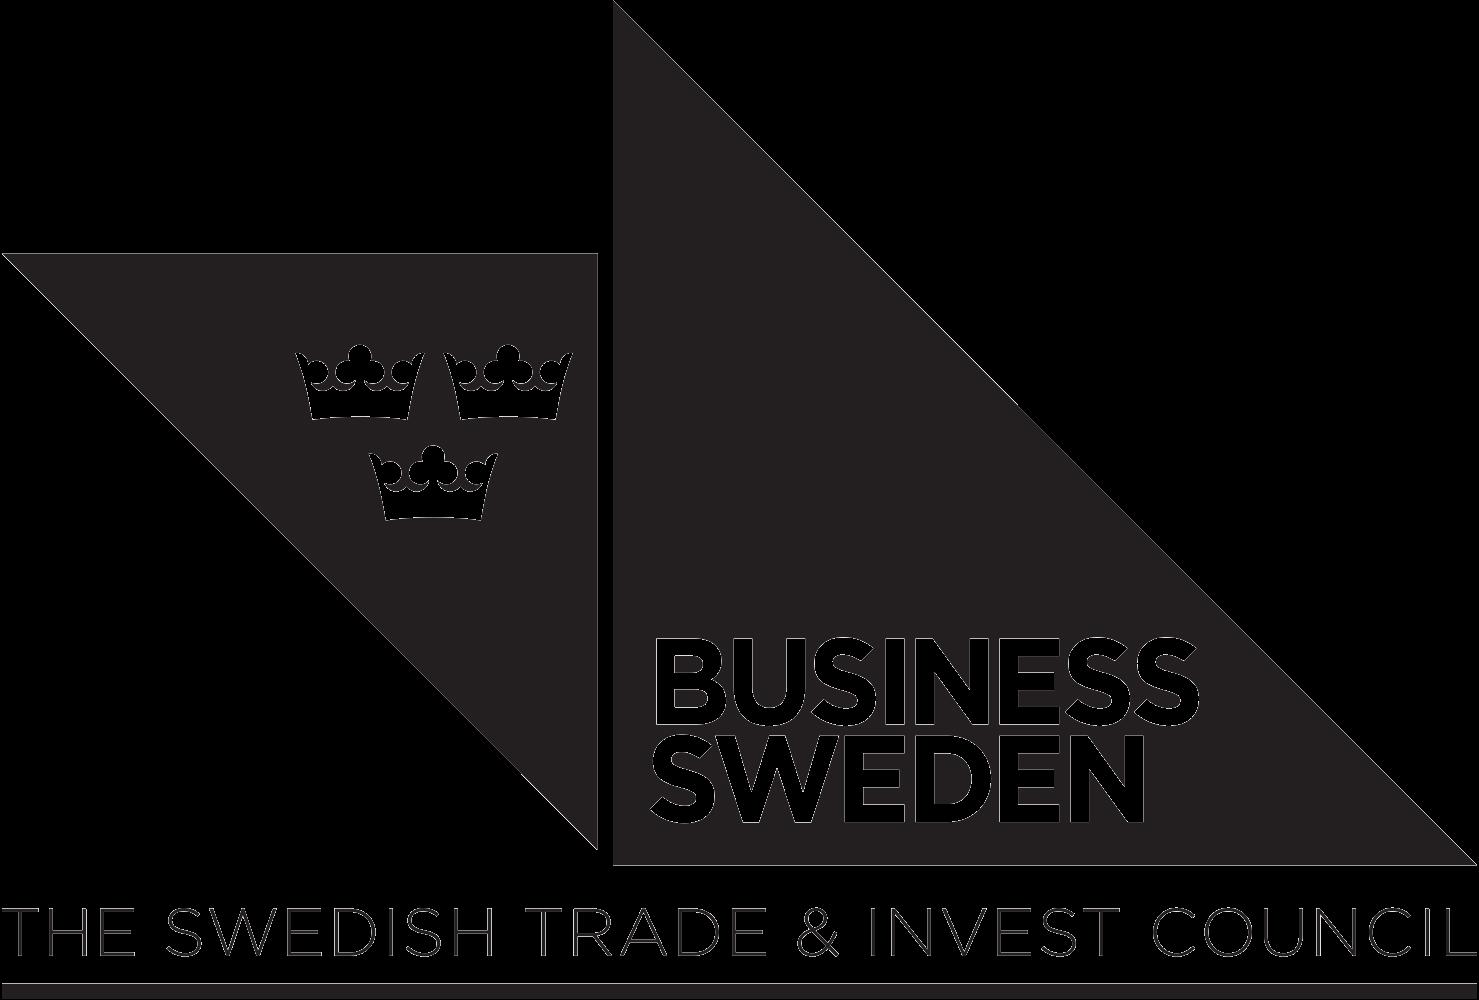 Business Sweden's logo